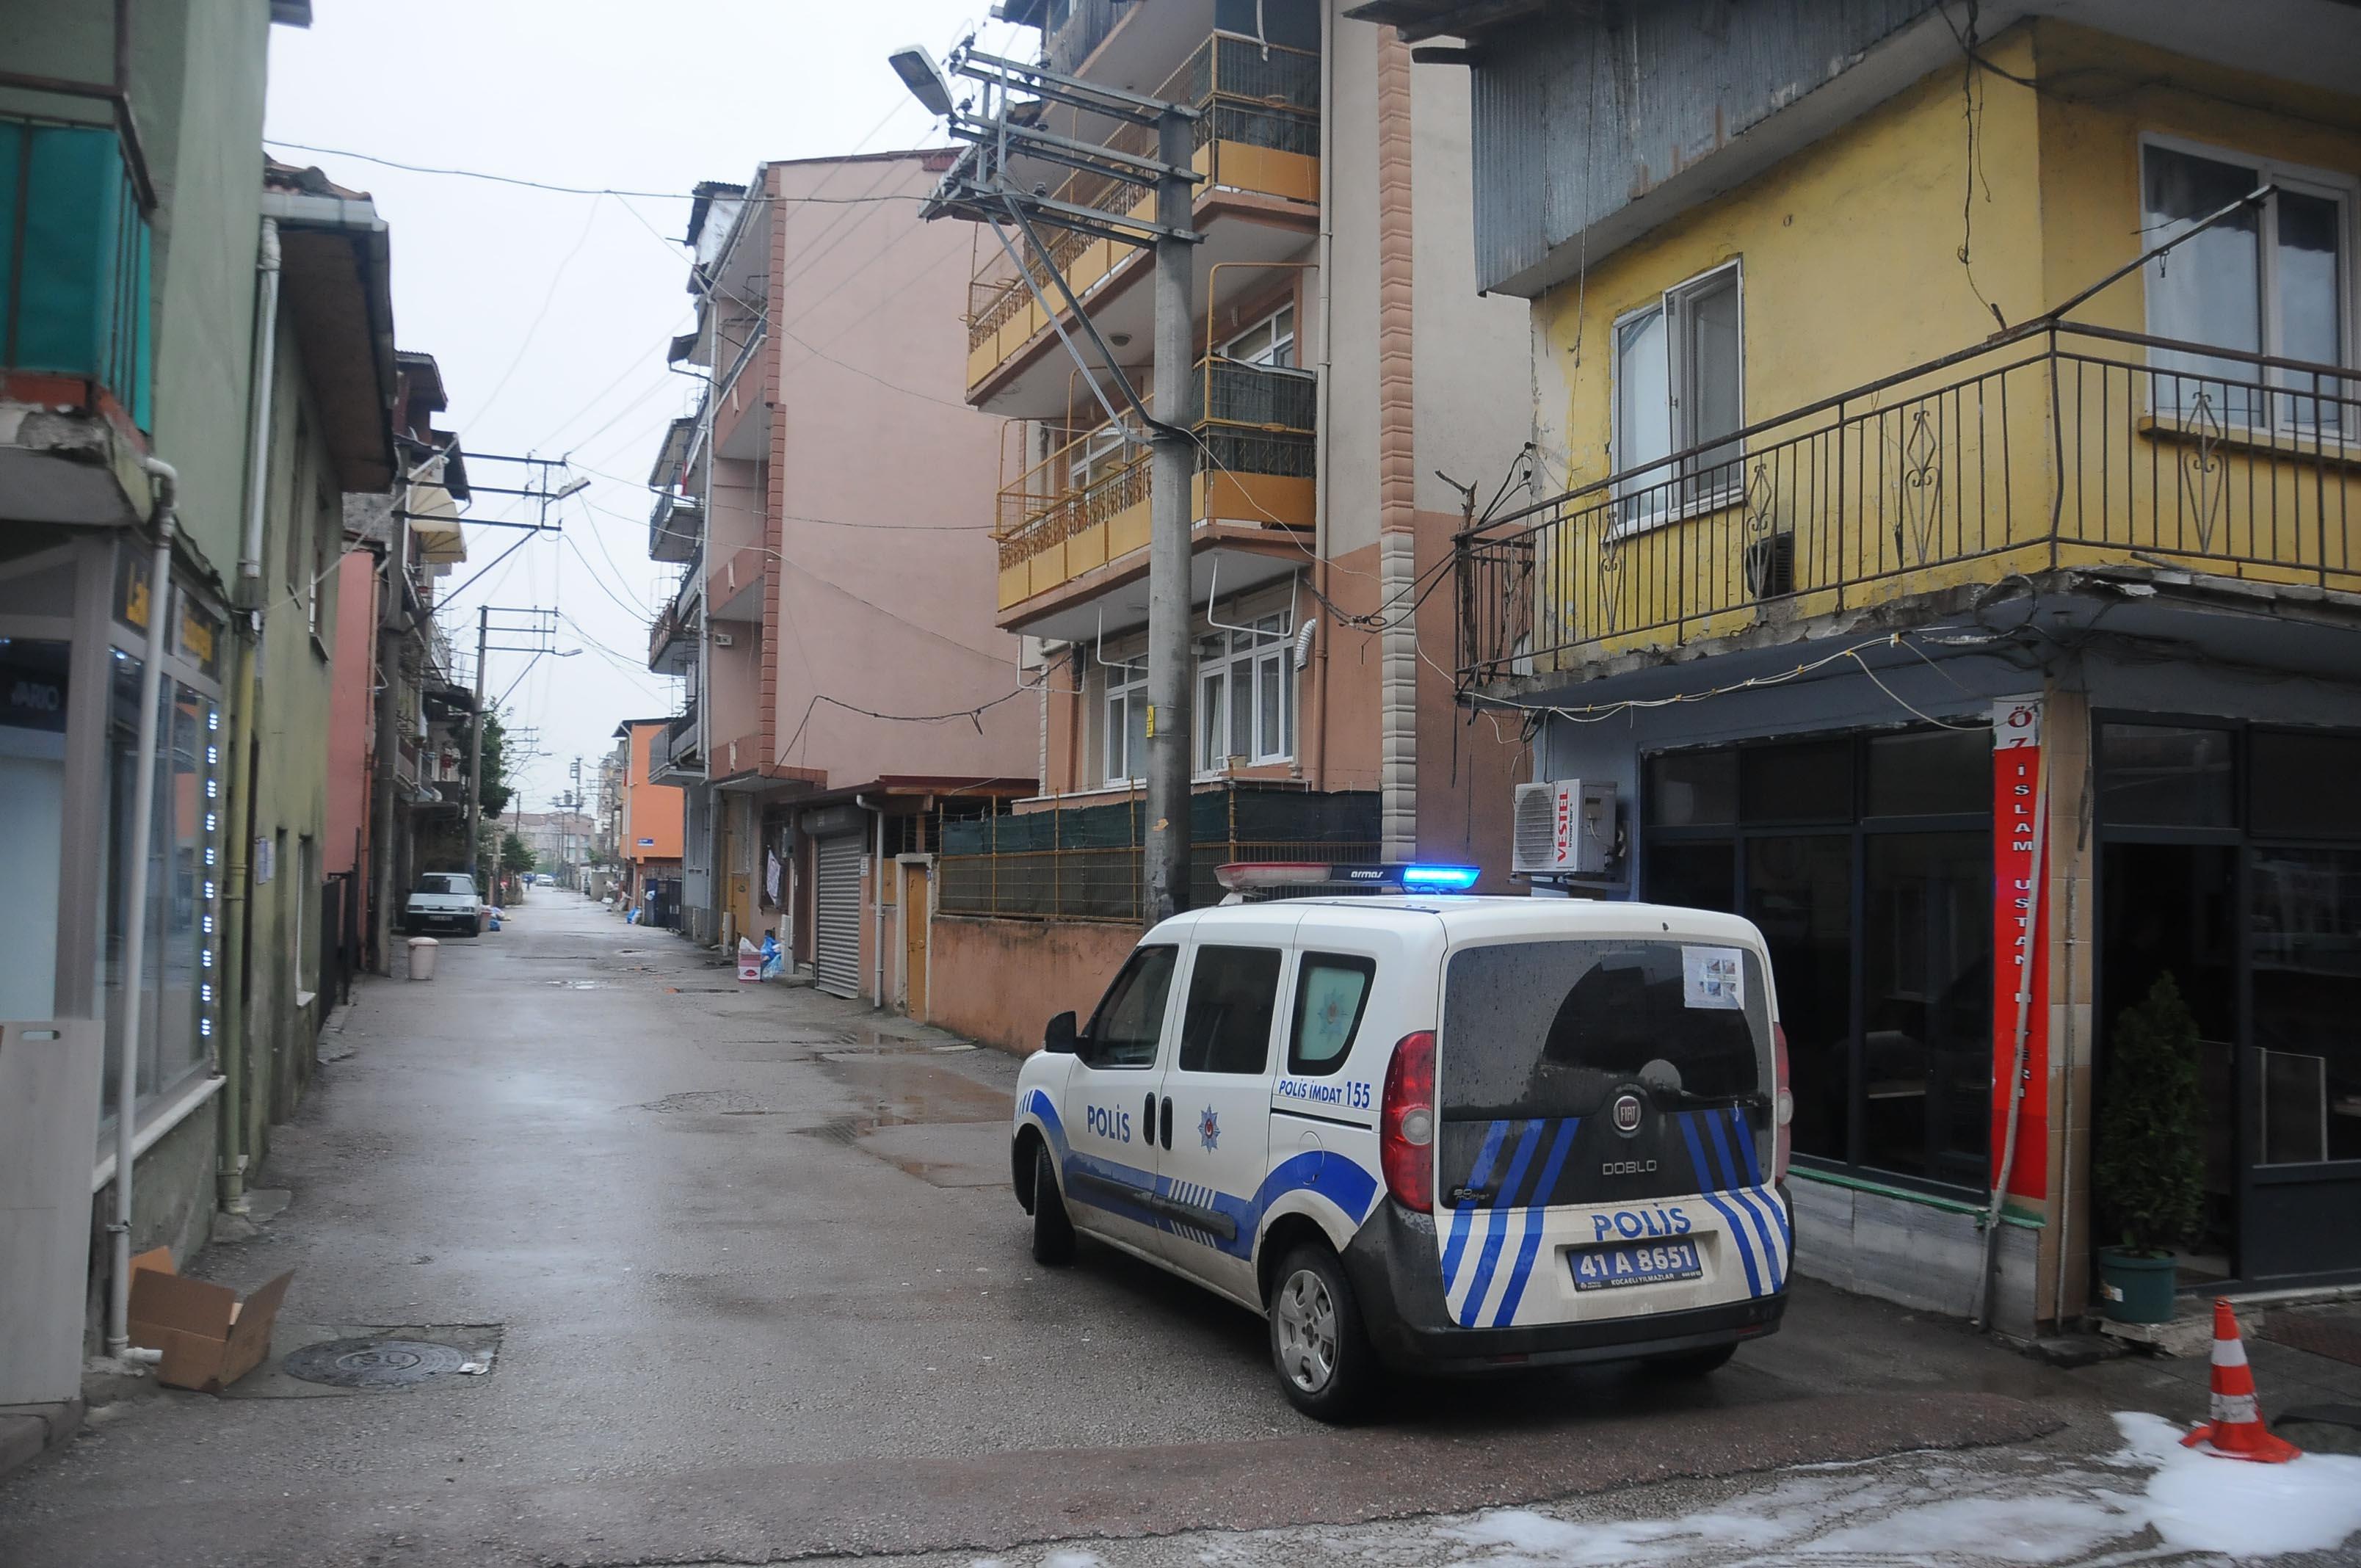 İzmit'te 1 sokak ve 1 bina karantinaya alındı